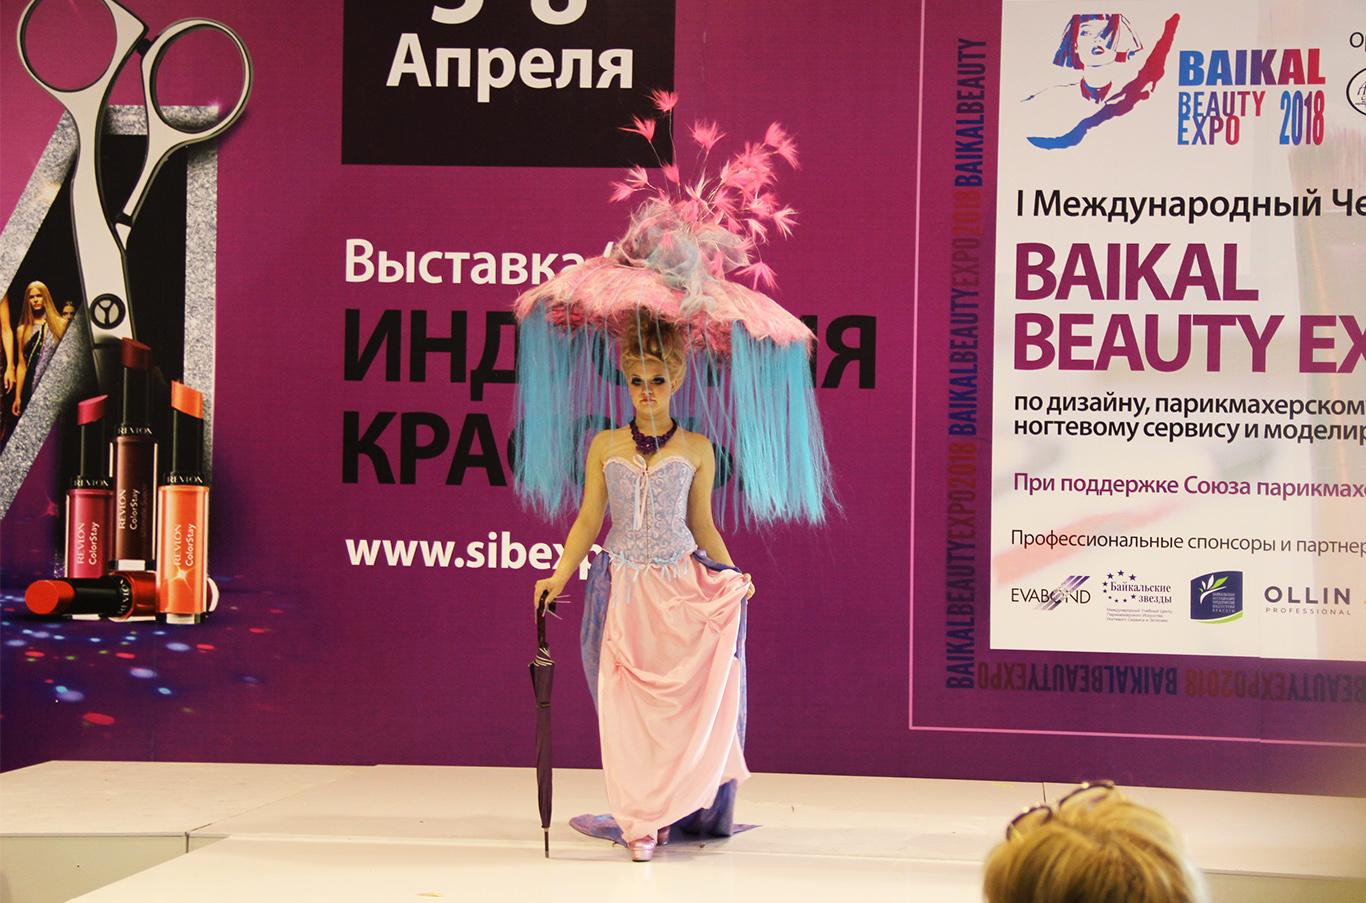 Выставка «Индустрия красоты» в 15-й раз прошла в Сибэкспоцентре